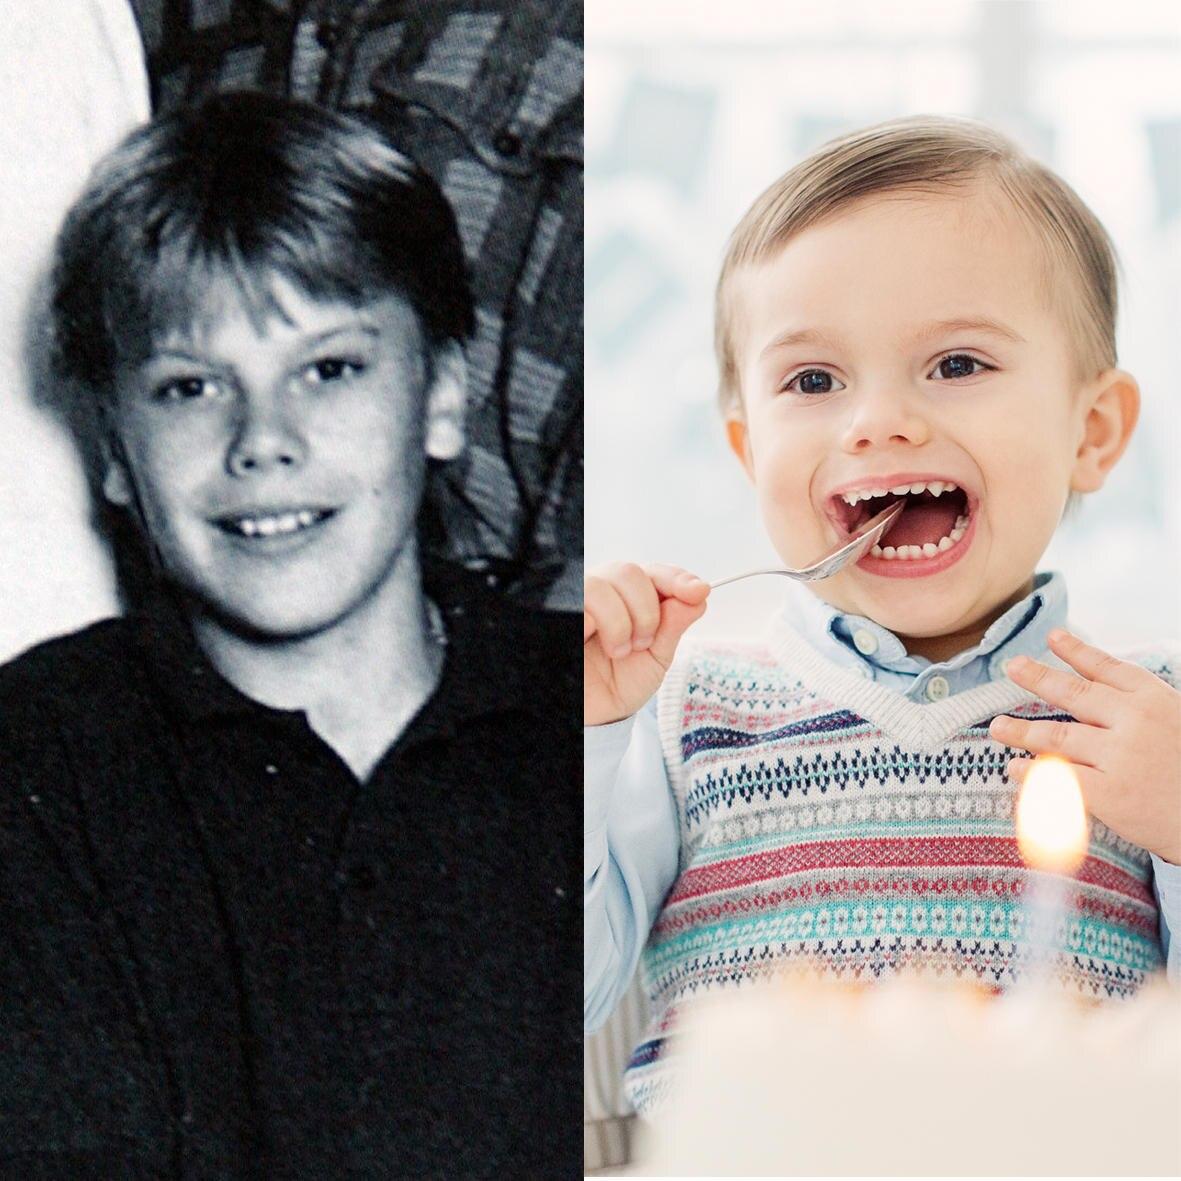 Ein Schulfoto von Daniel Westling aus dem Jahr 1987 und das aktuelle Geburtstagsfoto von Prinz Oscar zeigen die Ähnlichkeit.